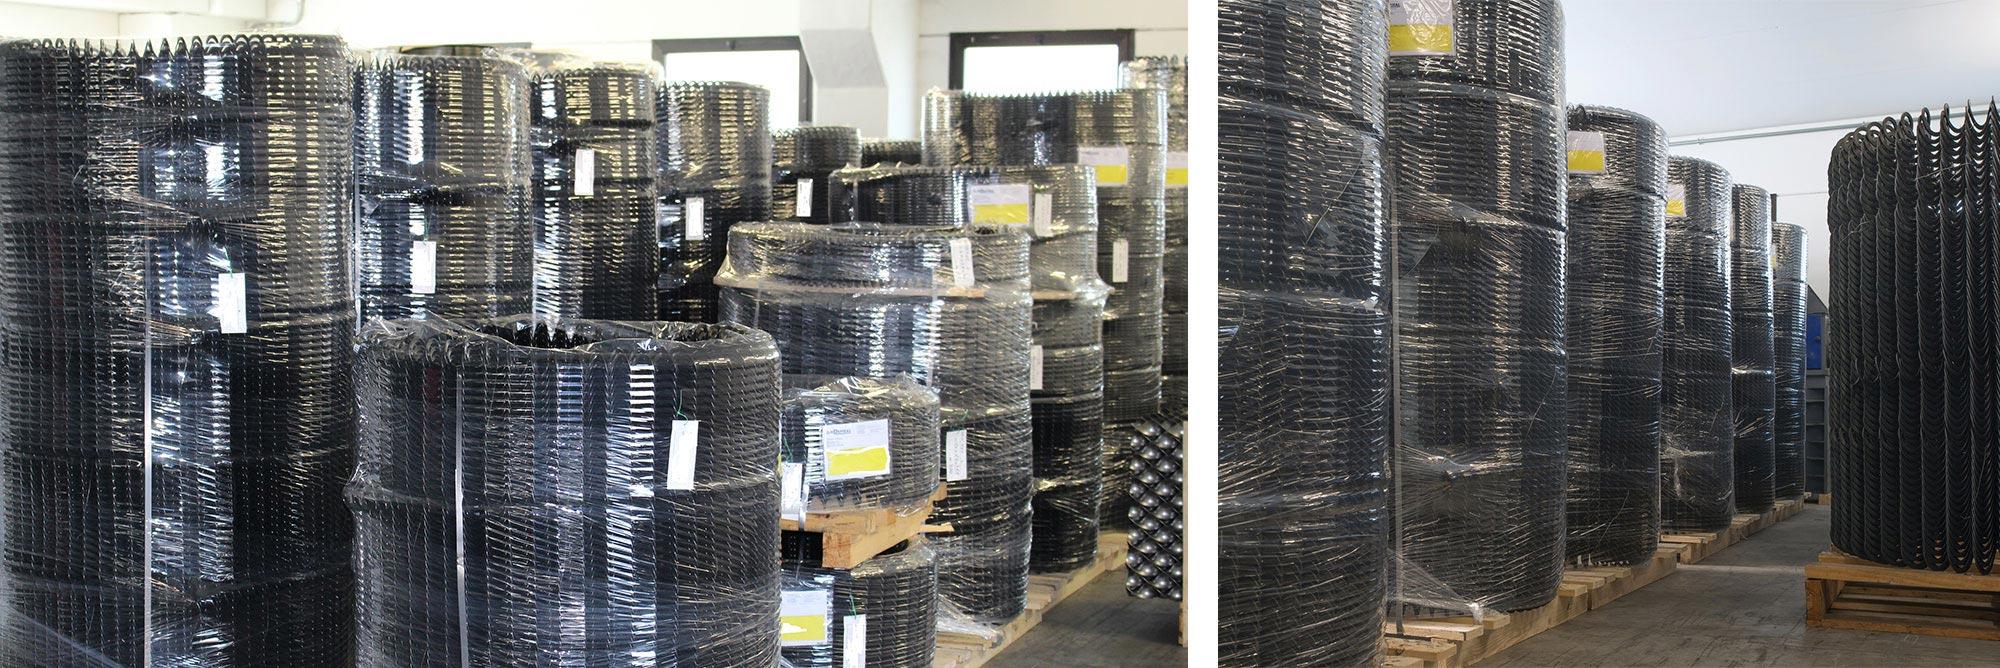 Spirali flessibili in acciaio per trasporto cippato, biomasse per caldaie e mangimi per impianti zootecnici di alimentazione automatica_gallery01